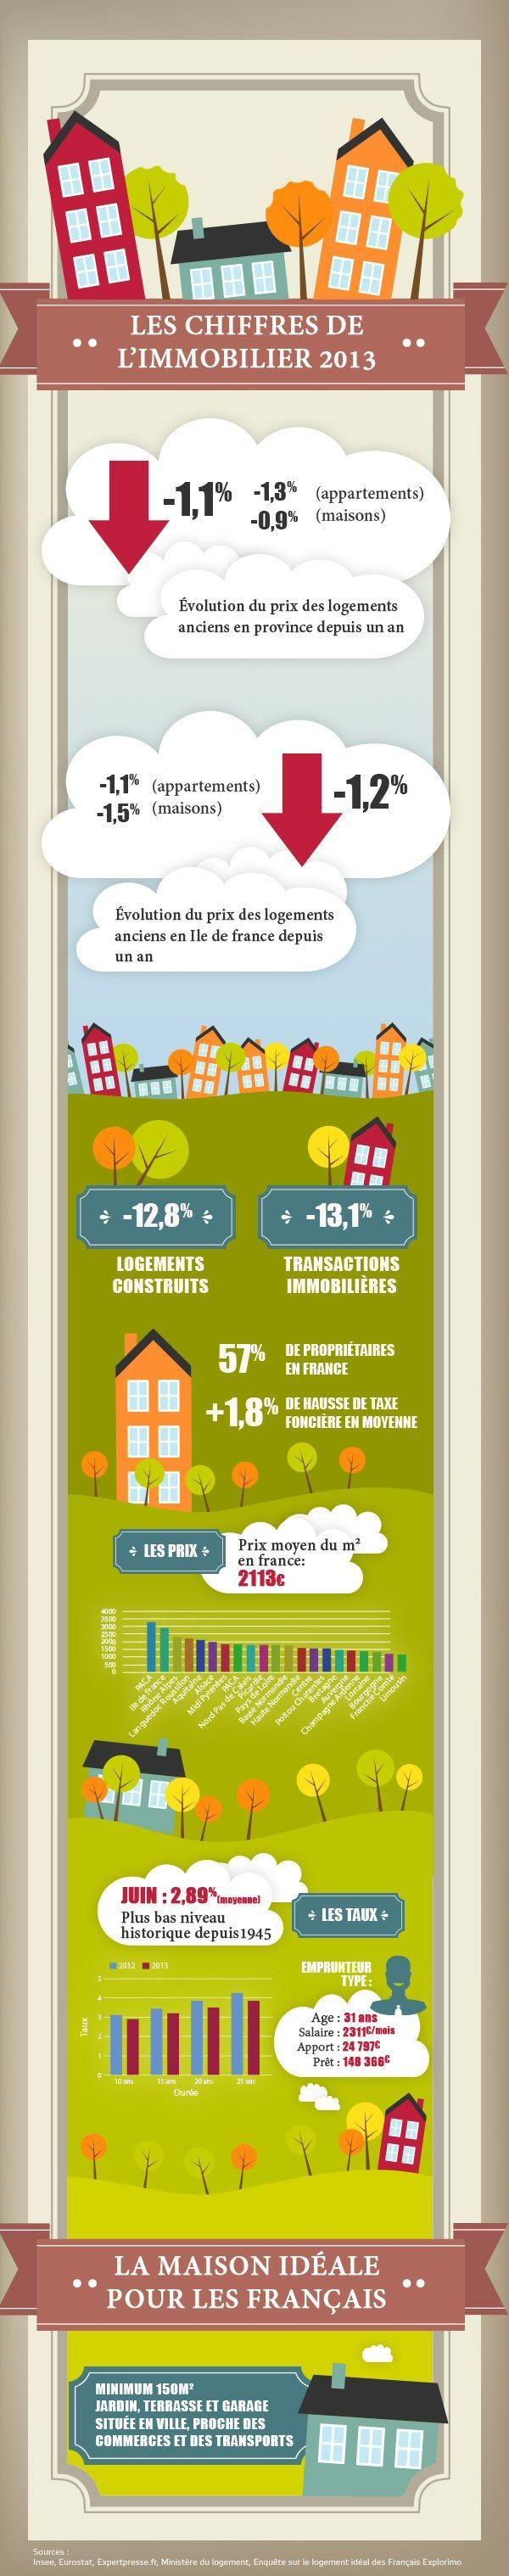 27/11/13 - Infographie: l' #immobilier en France en quelques chiffres